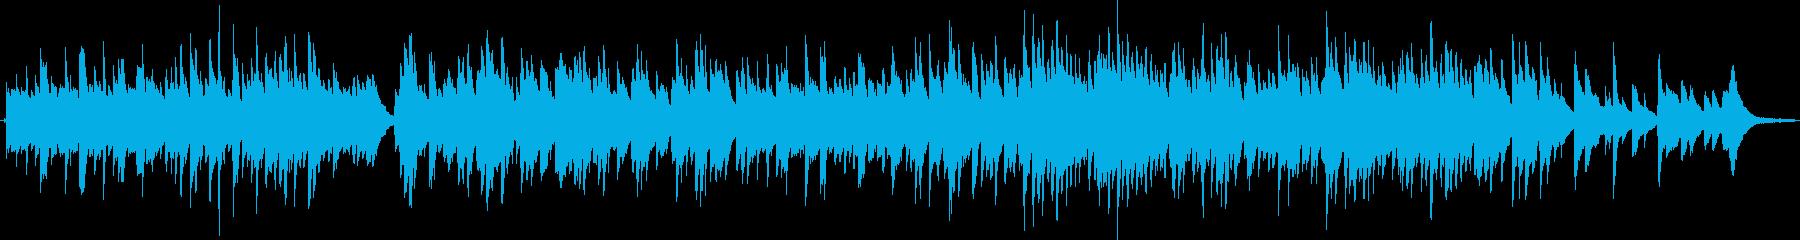 素朴で優しいメロディーのピアノソロの再生済みの波形